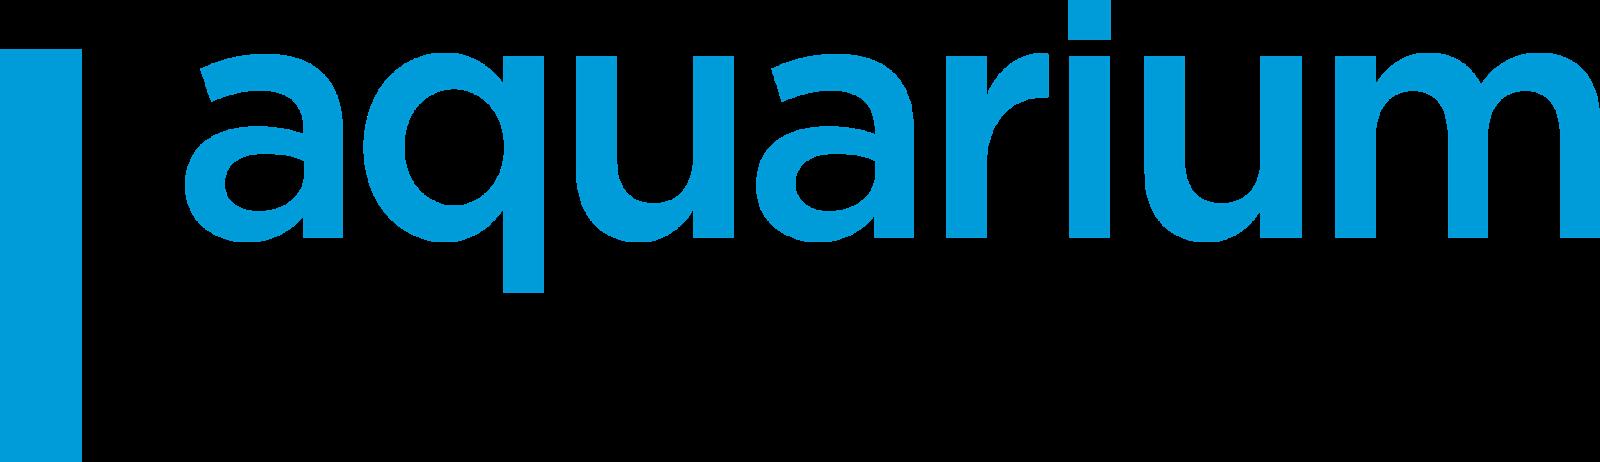 biarritz-logo.png